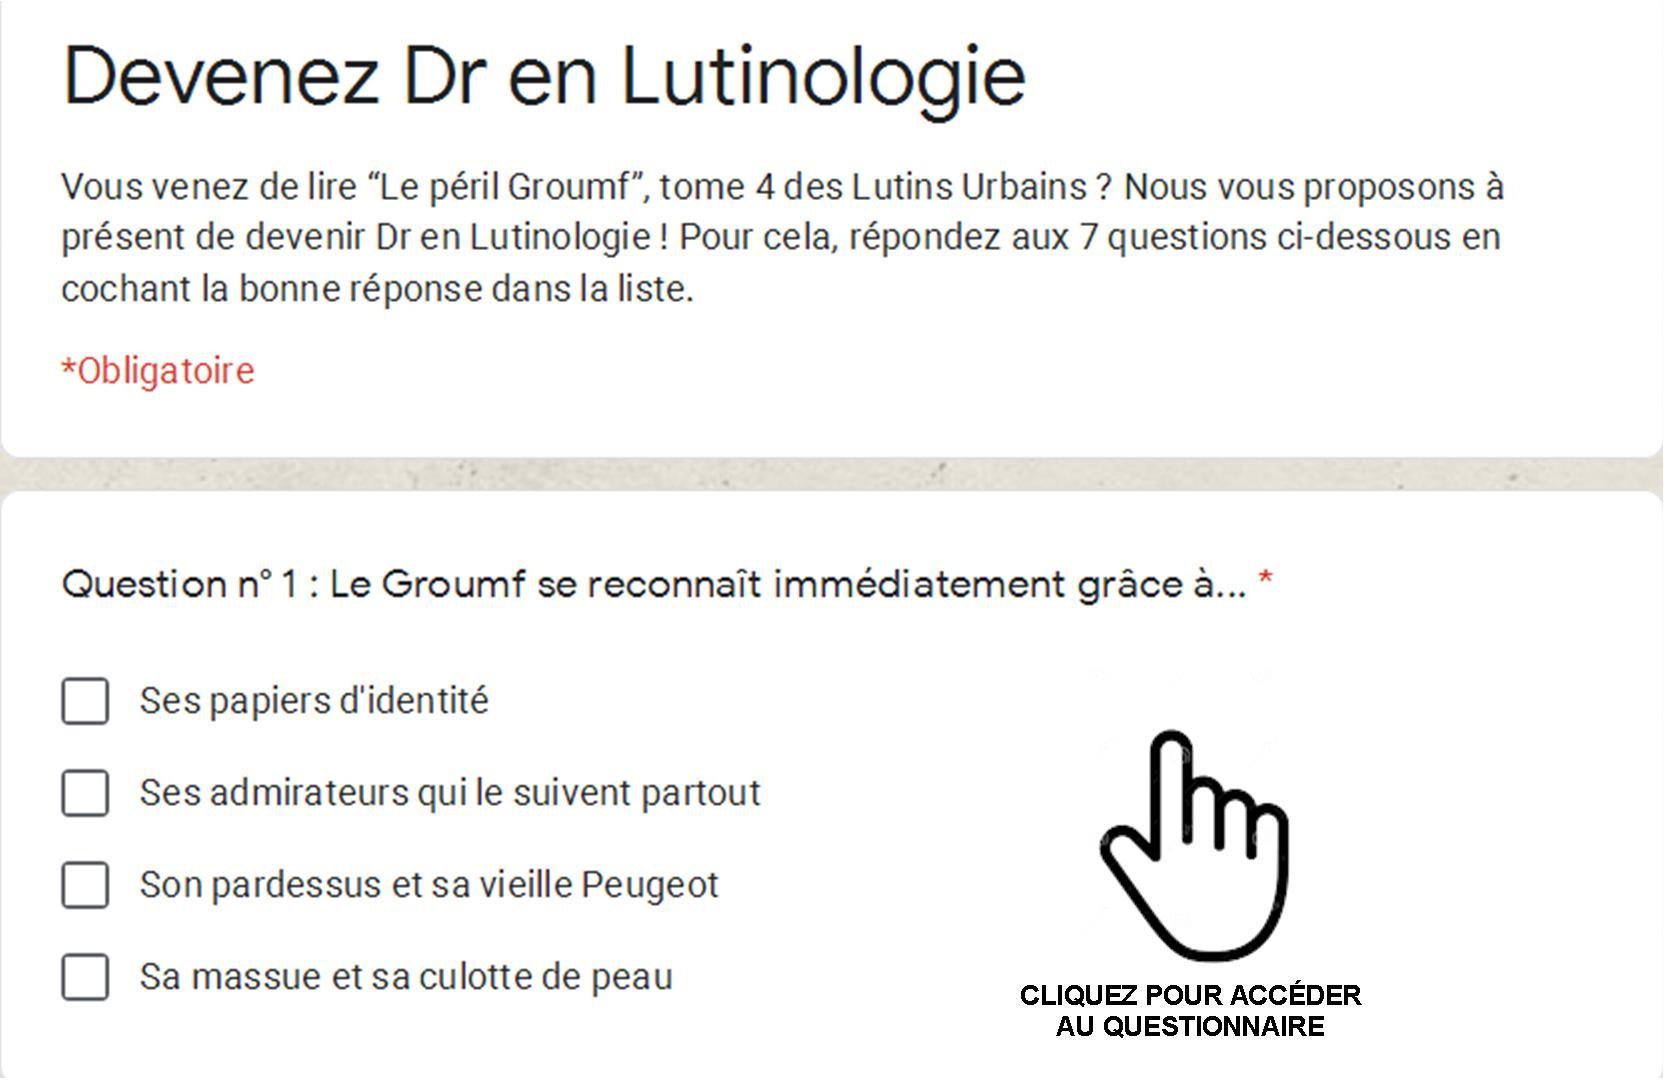 Devenez Dr en Lutinologie 5